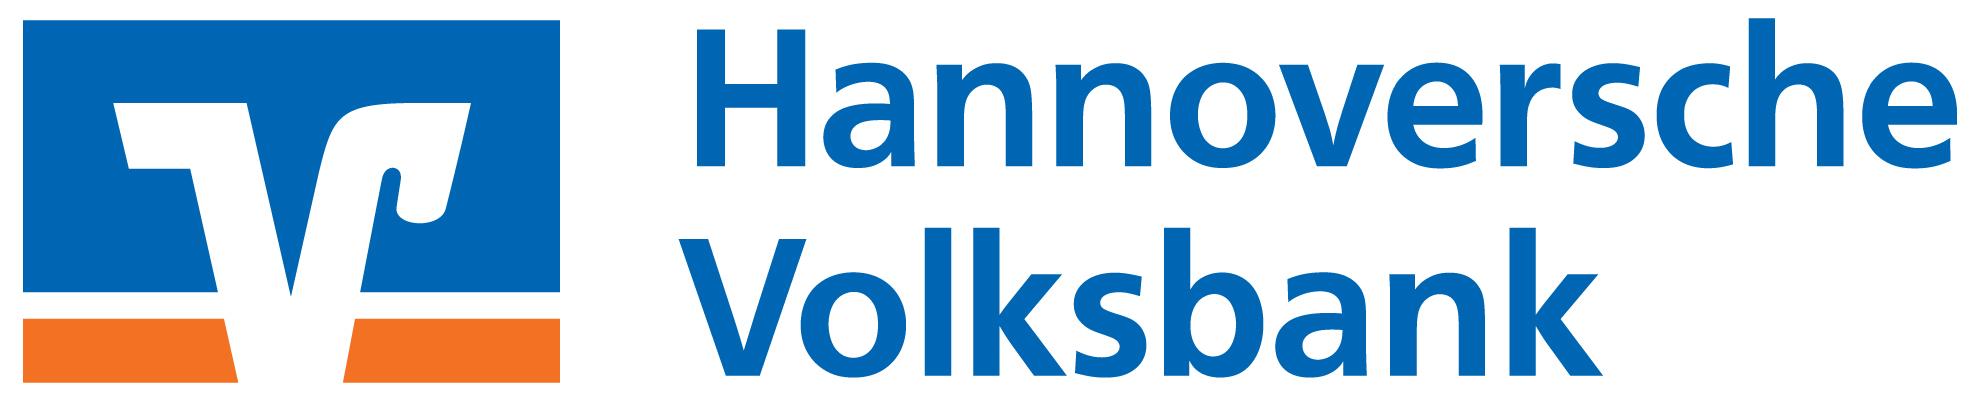 Hannoversche Volksbank eG BeratungsCenter Laatzen